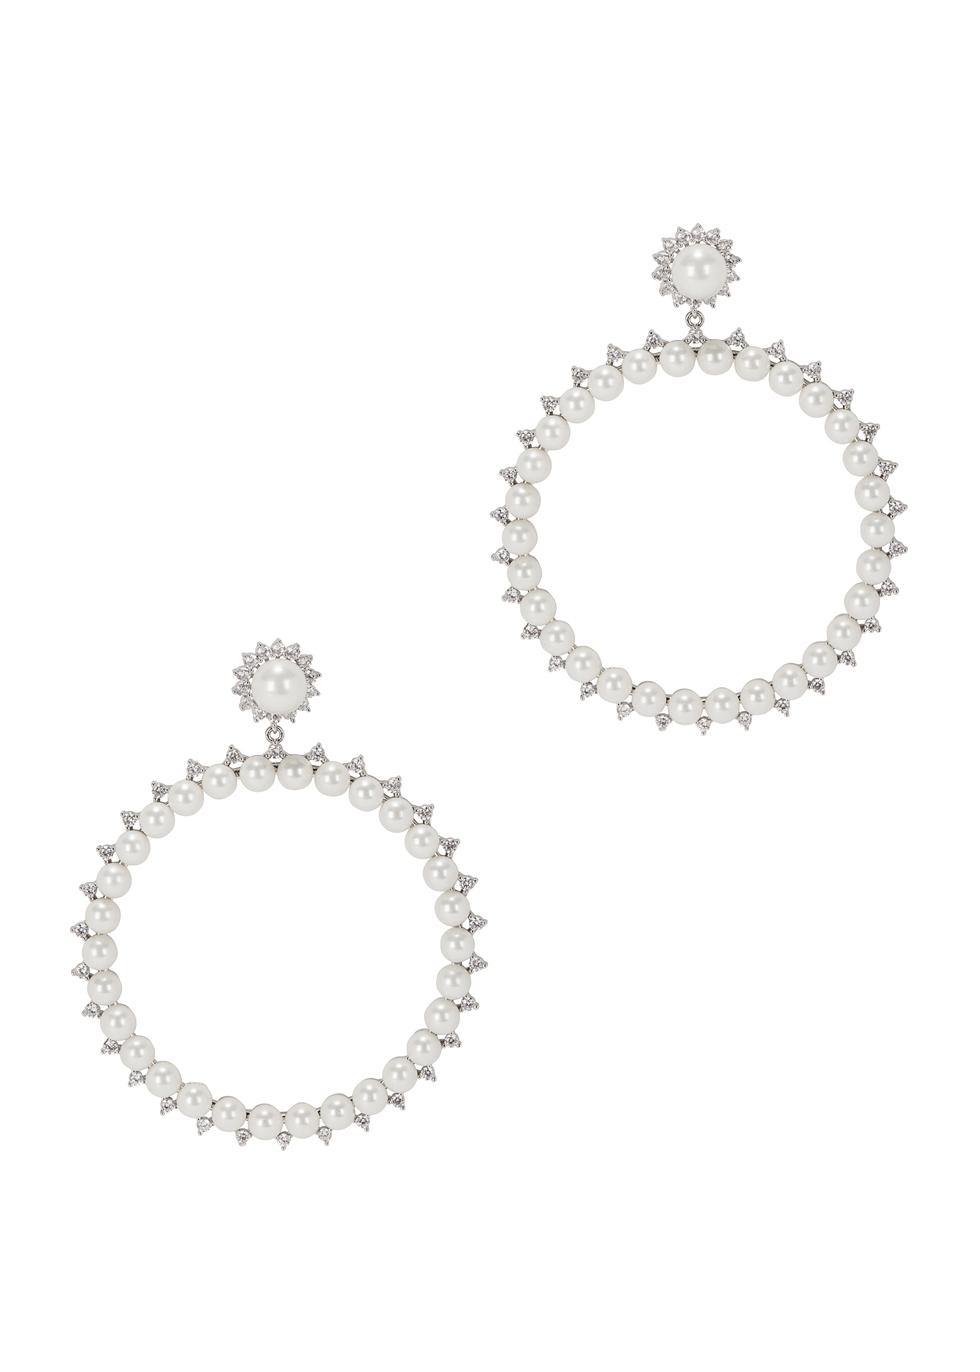 FALLON Faux-Pearl Drama Hoop Earrings in Silver